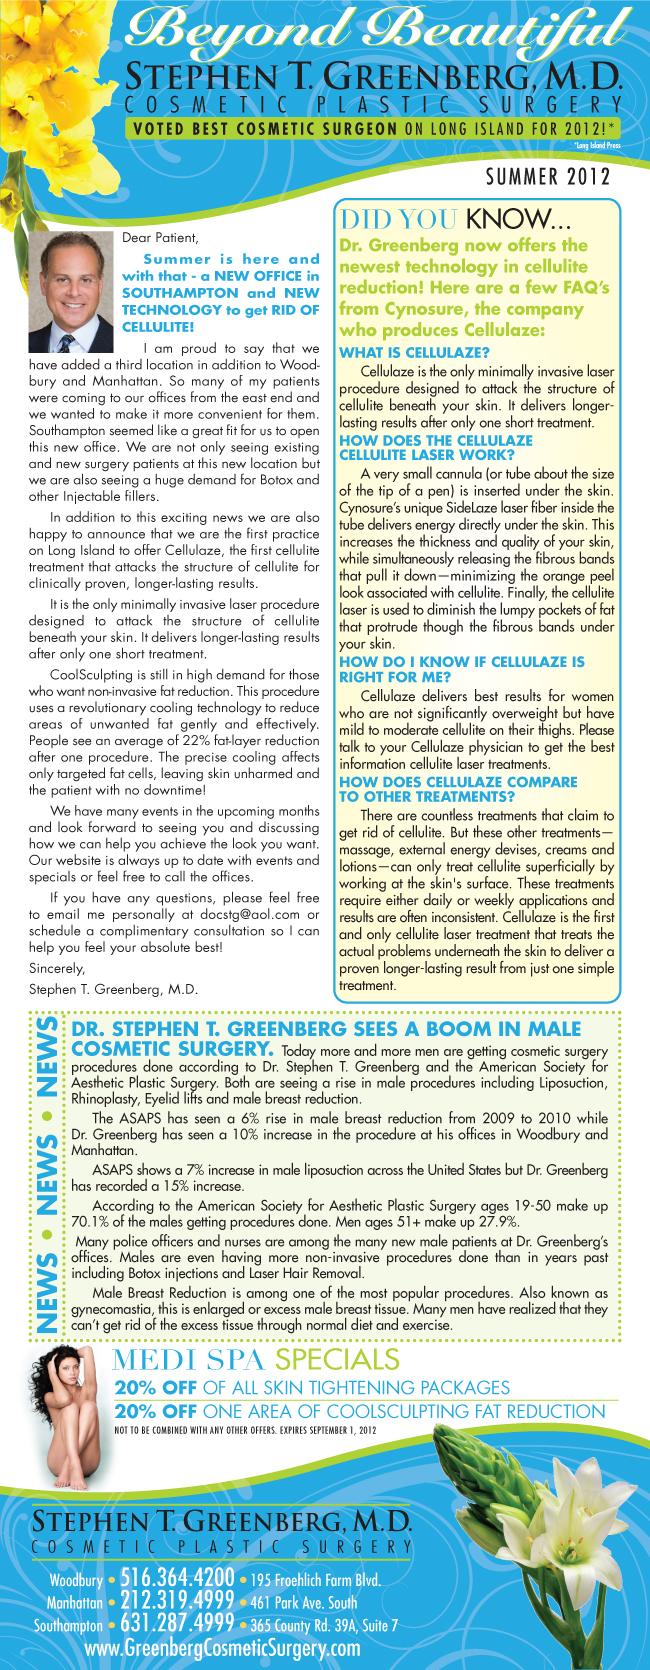 greenberg-newsletter-summer-2012.jpg